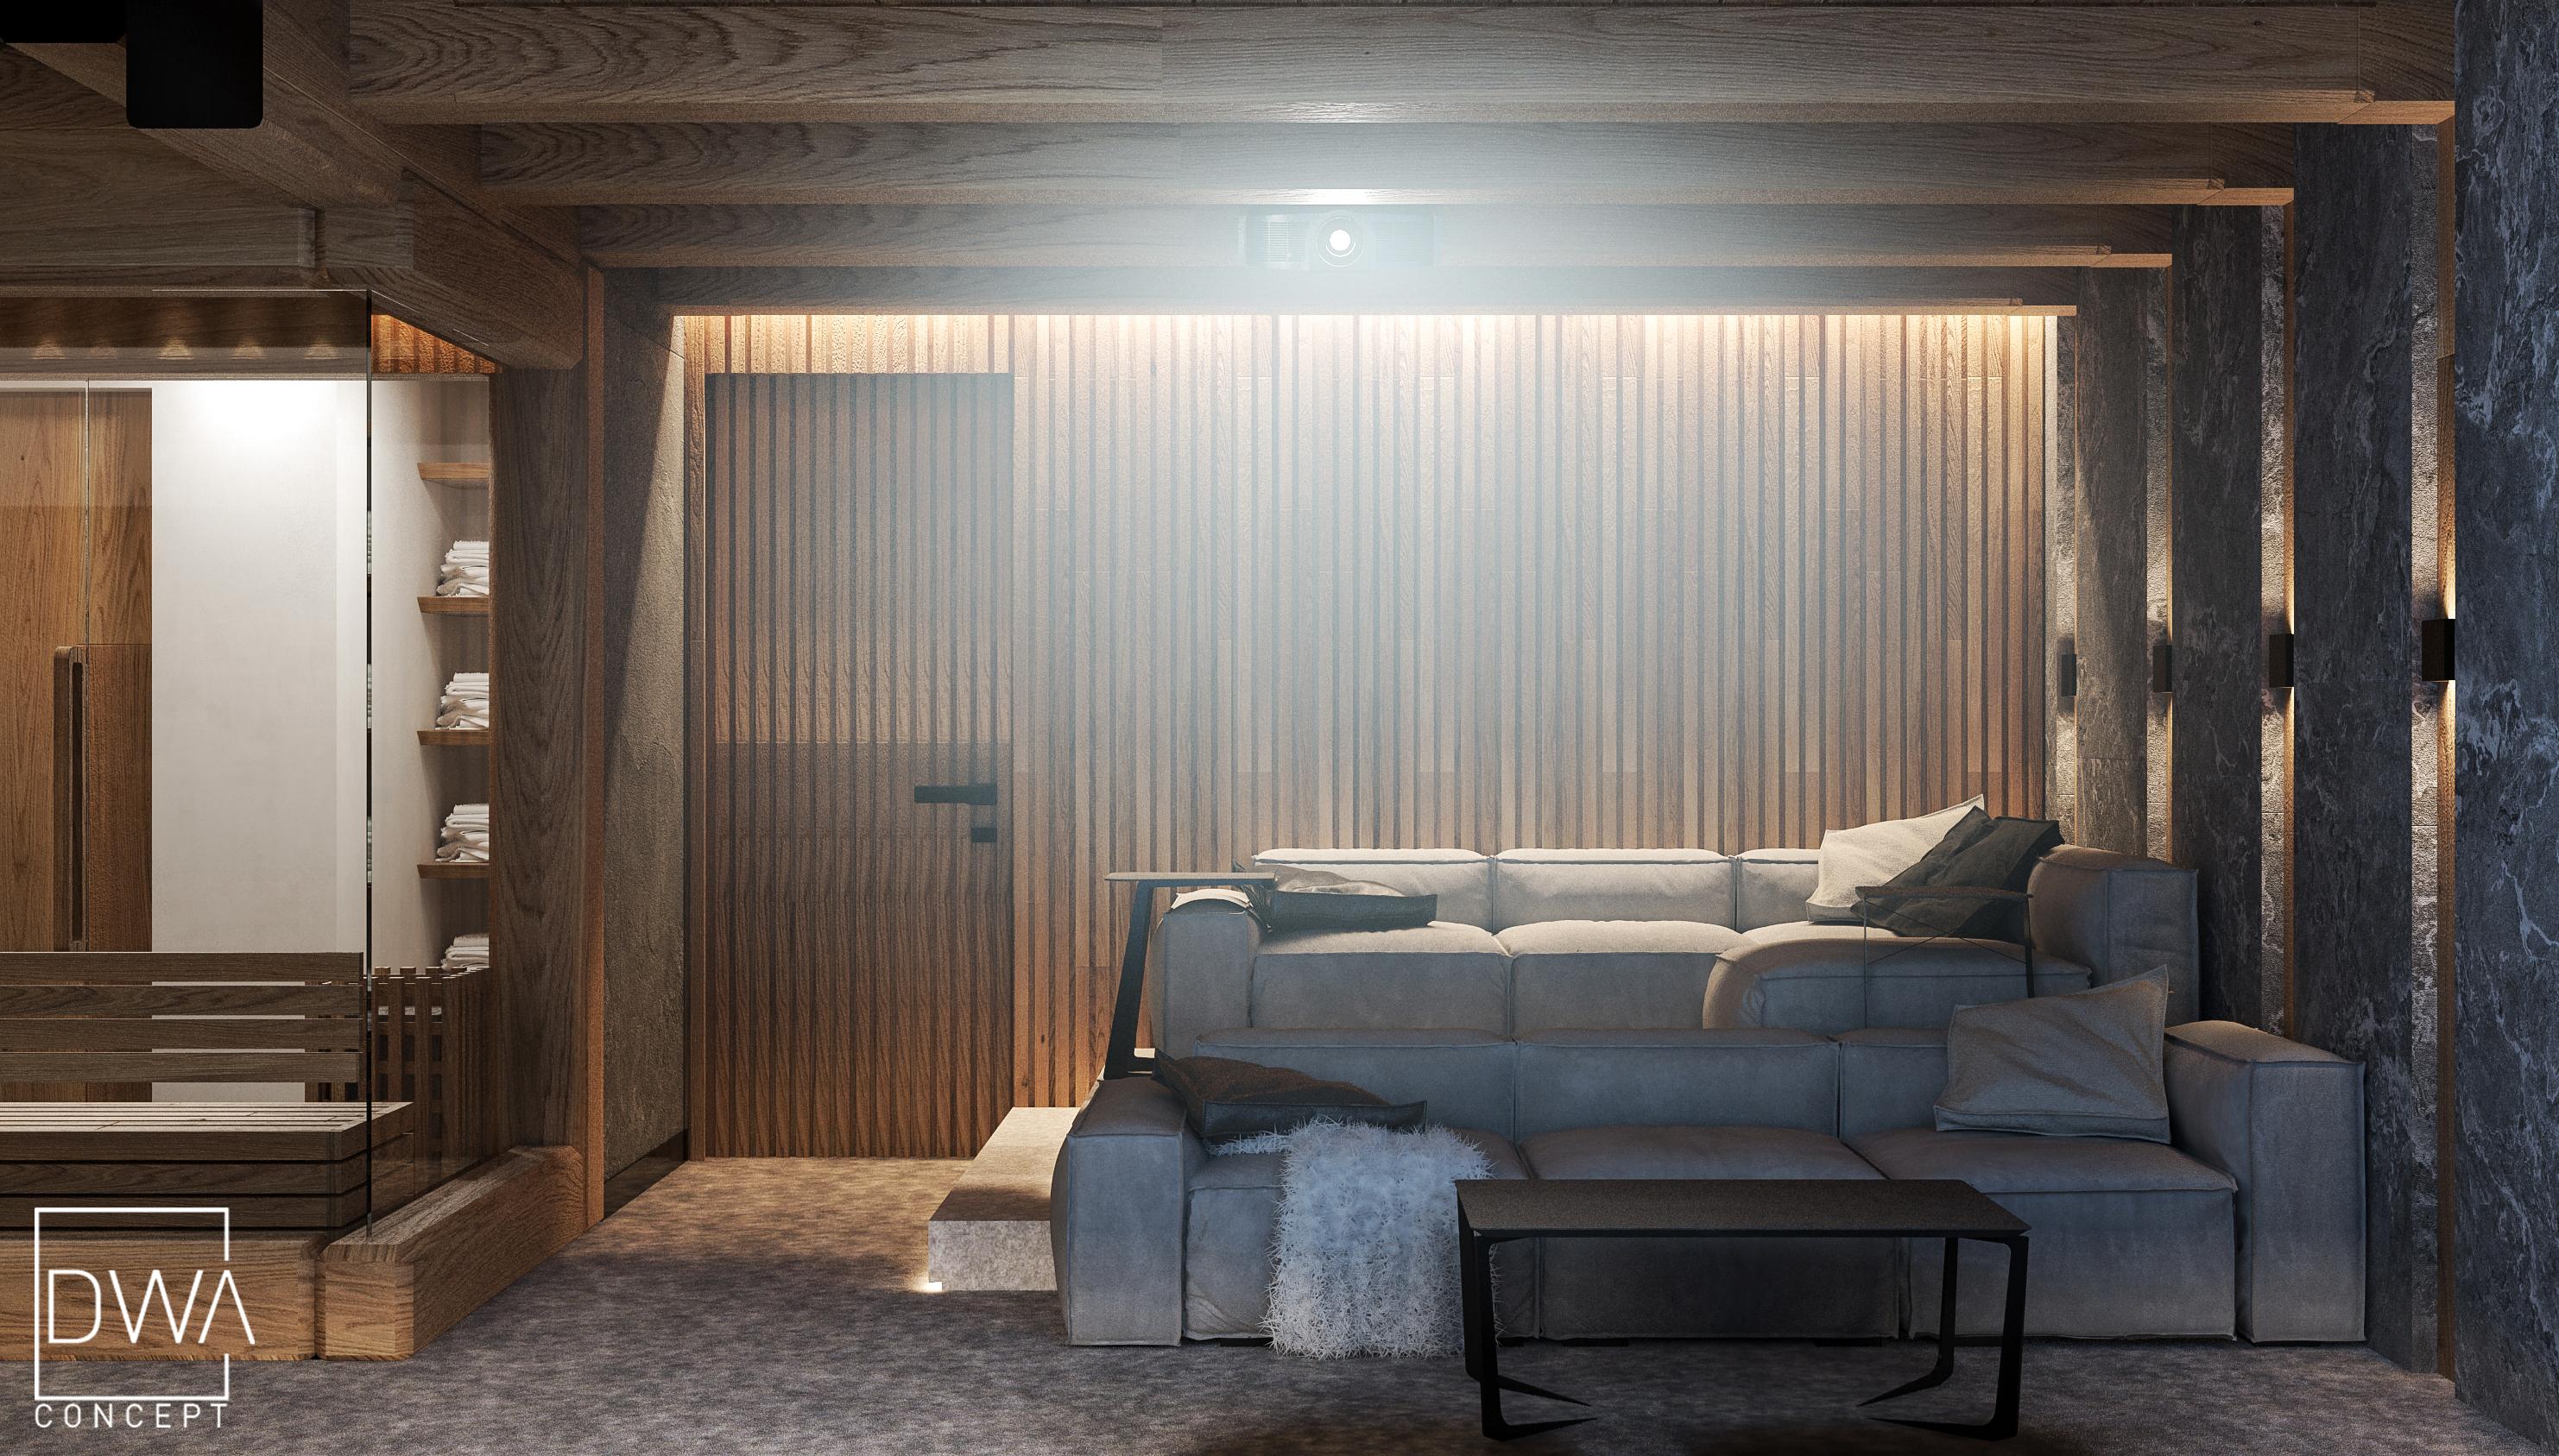 kino domowe z barem i sauną, projekt willi w Zakopanem strefa nocna dwaconcept